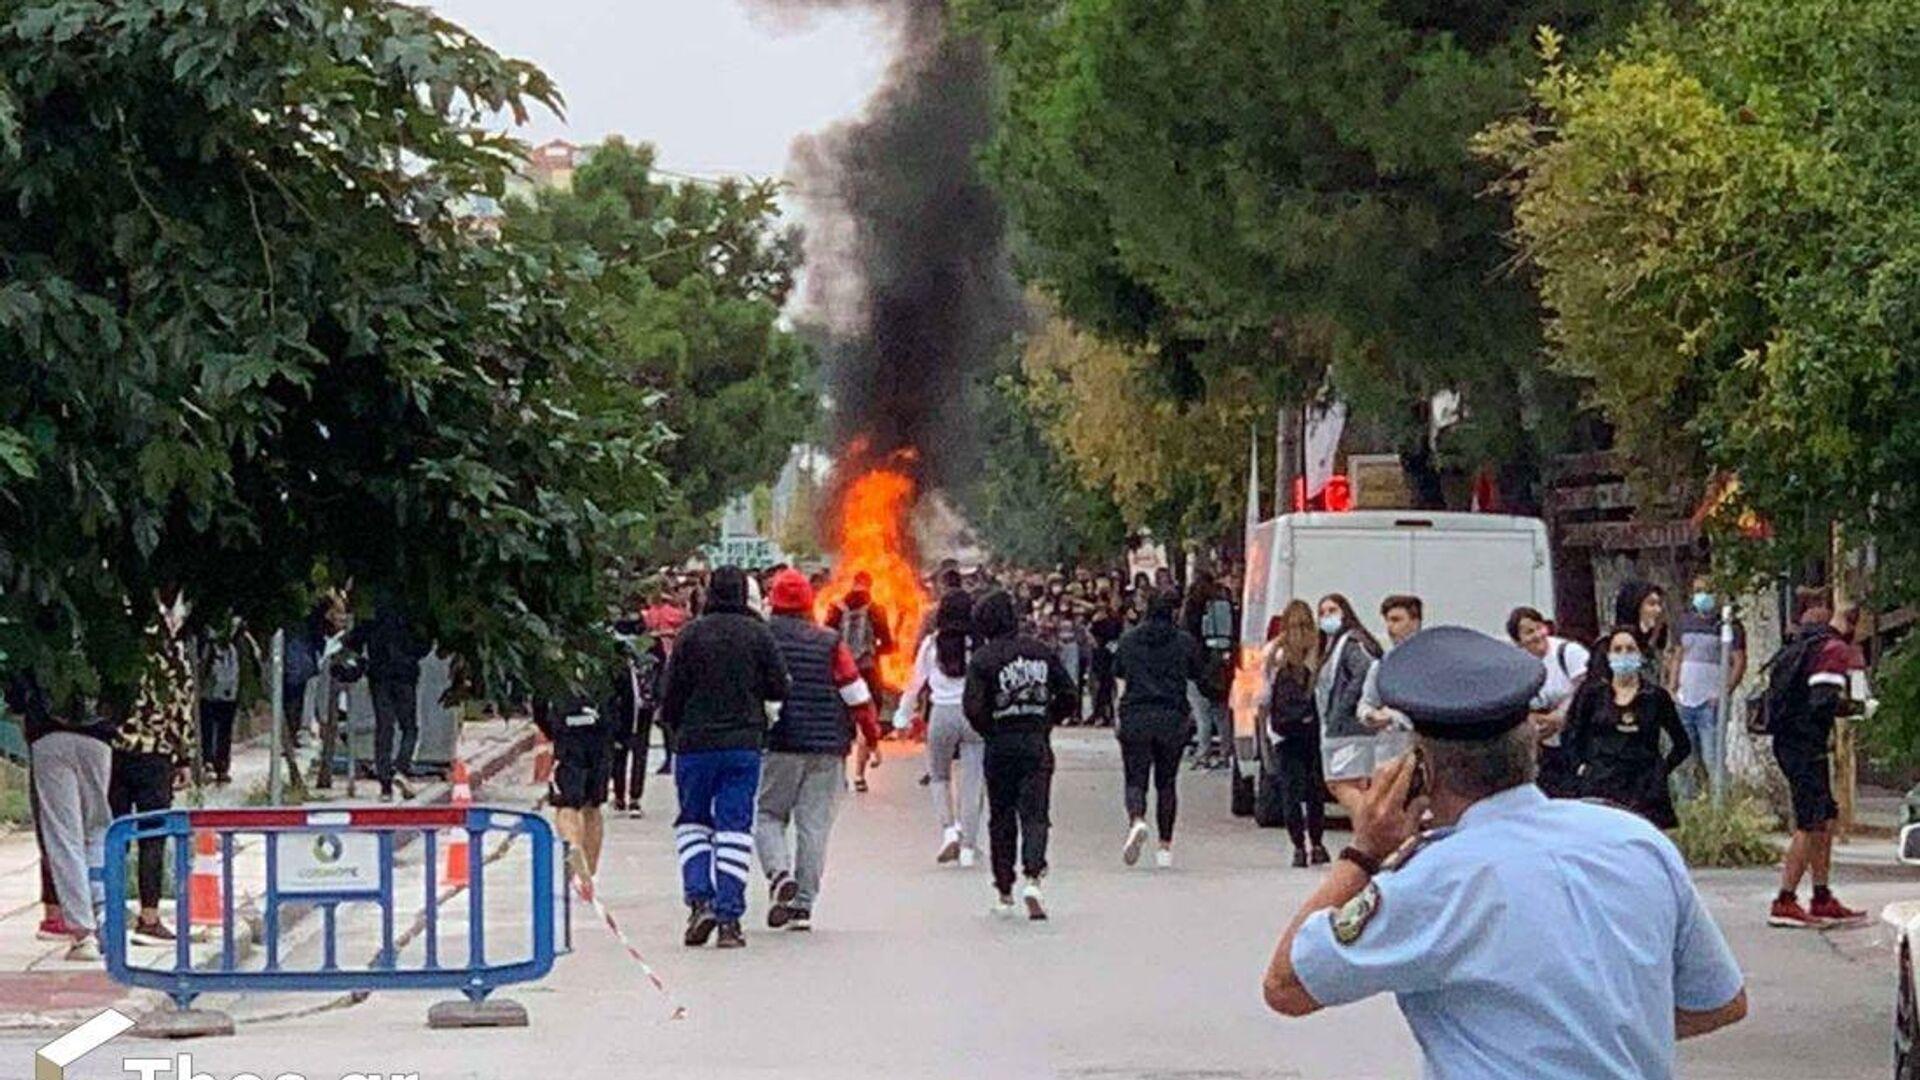 Φωτιές έξω από το ΕΠΑΛ Ευόσμου - Sputnik Ελλάδα, 1920, 01.10.2021